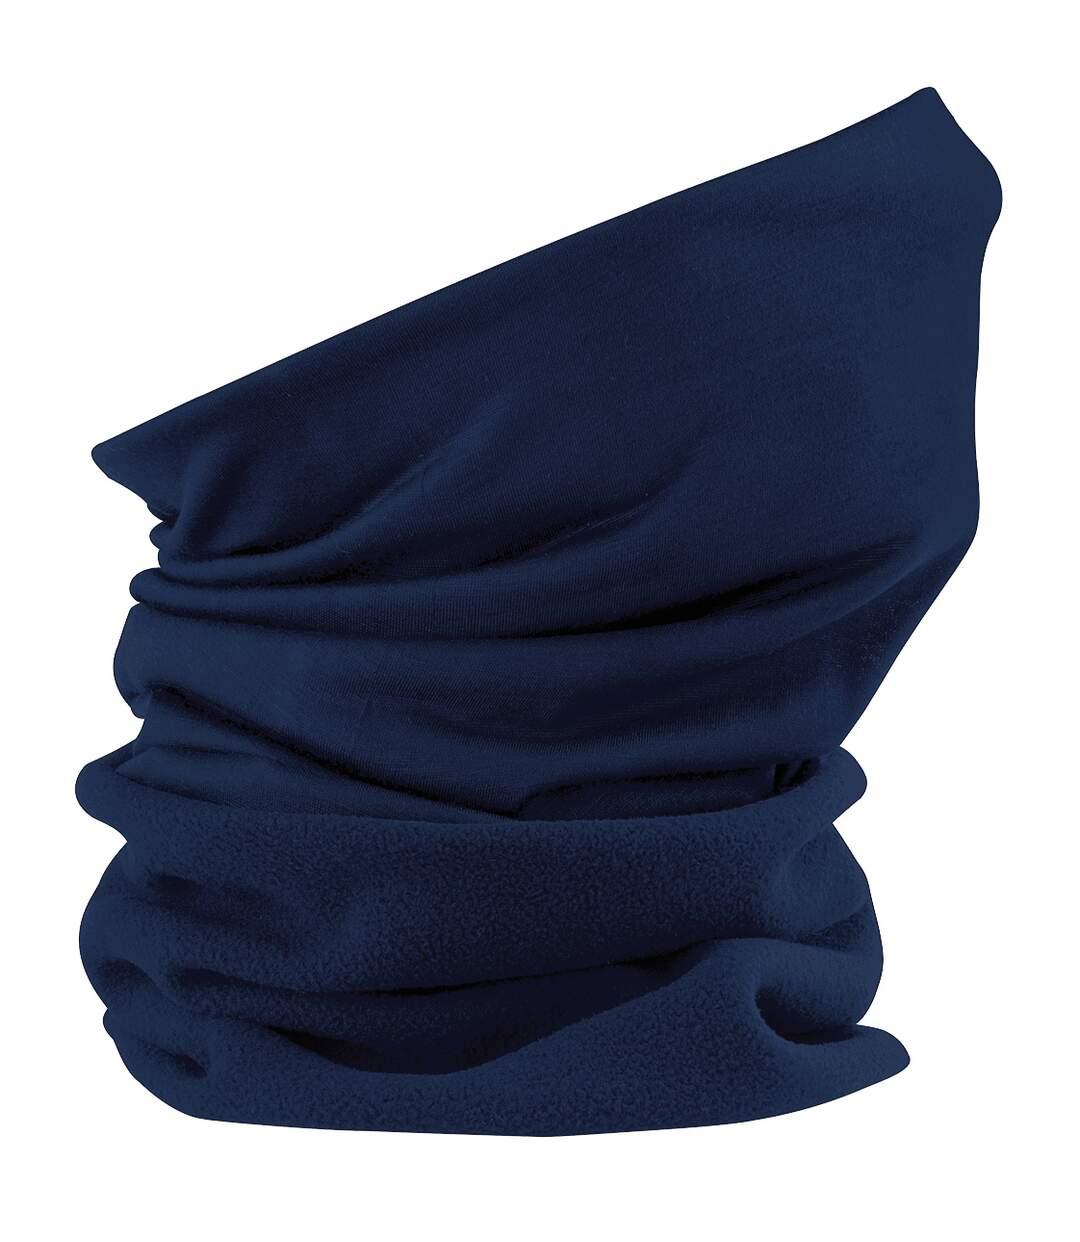 Beechfield - Tour De Cou Polaire - Femme (Bleu roi vif) (Taille unique) - UTRW267